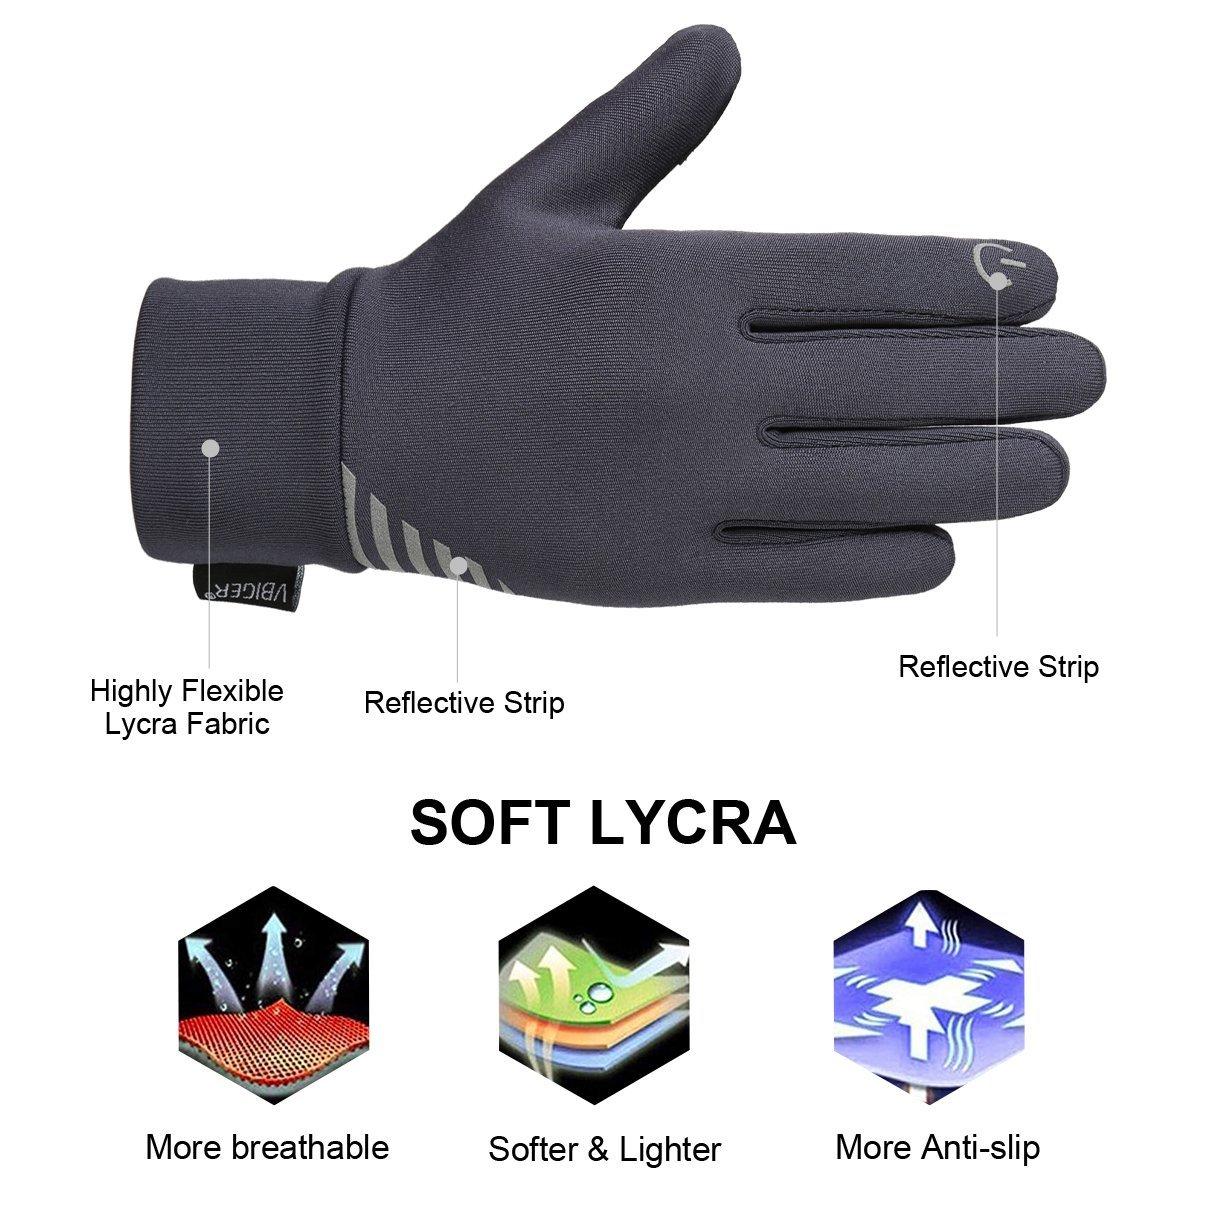 Vbiger Kinder Handschuhe Winterhandschuhe Radhandschuhe Leichte Anti-Rutsch Laufen für Jungen und Mädchen, Grau, Medium (6-8 Jahre)